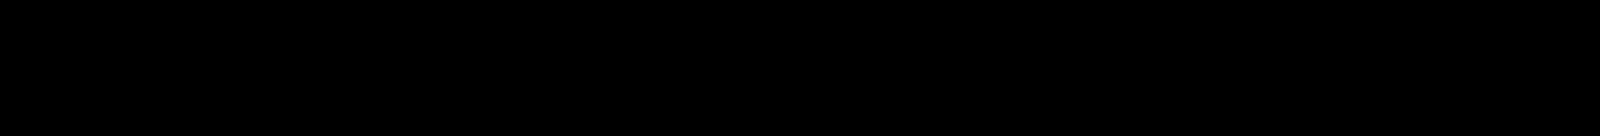 isocity-schriftzug.png